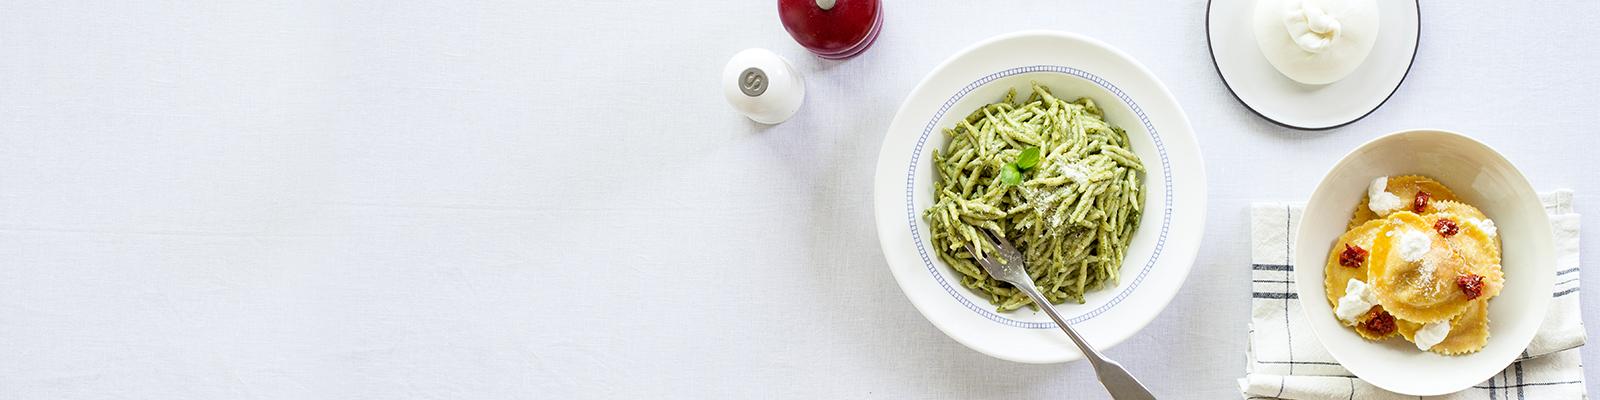 Pasta Garofalo - Pesto